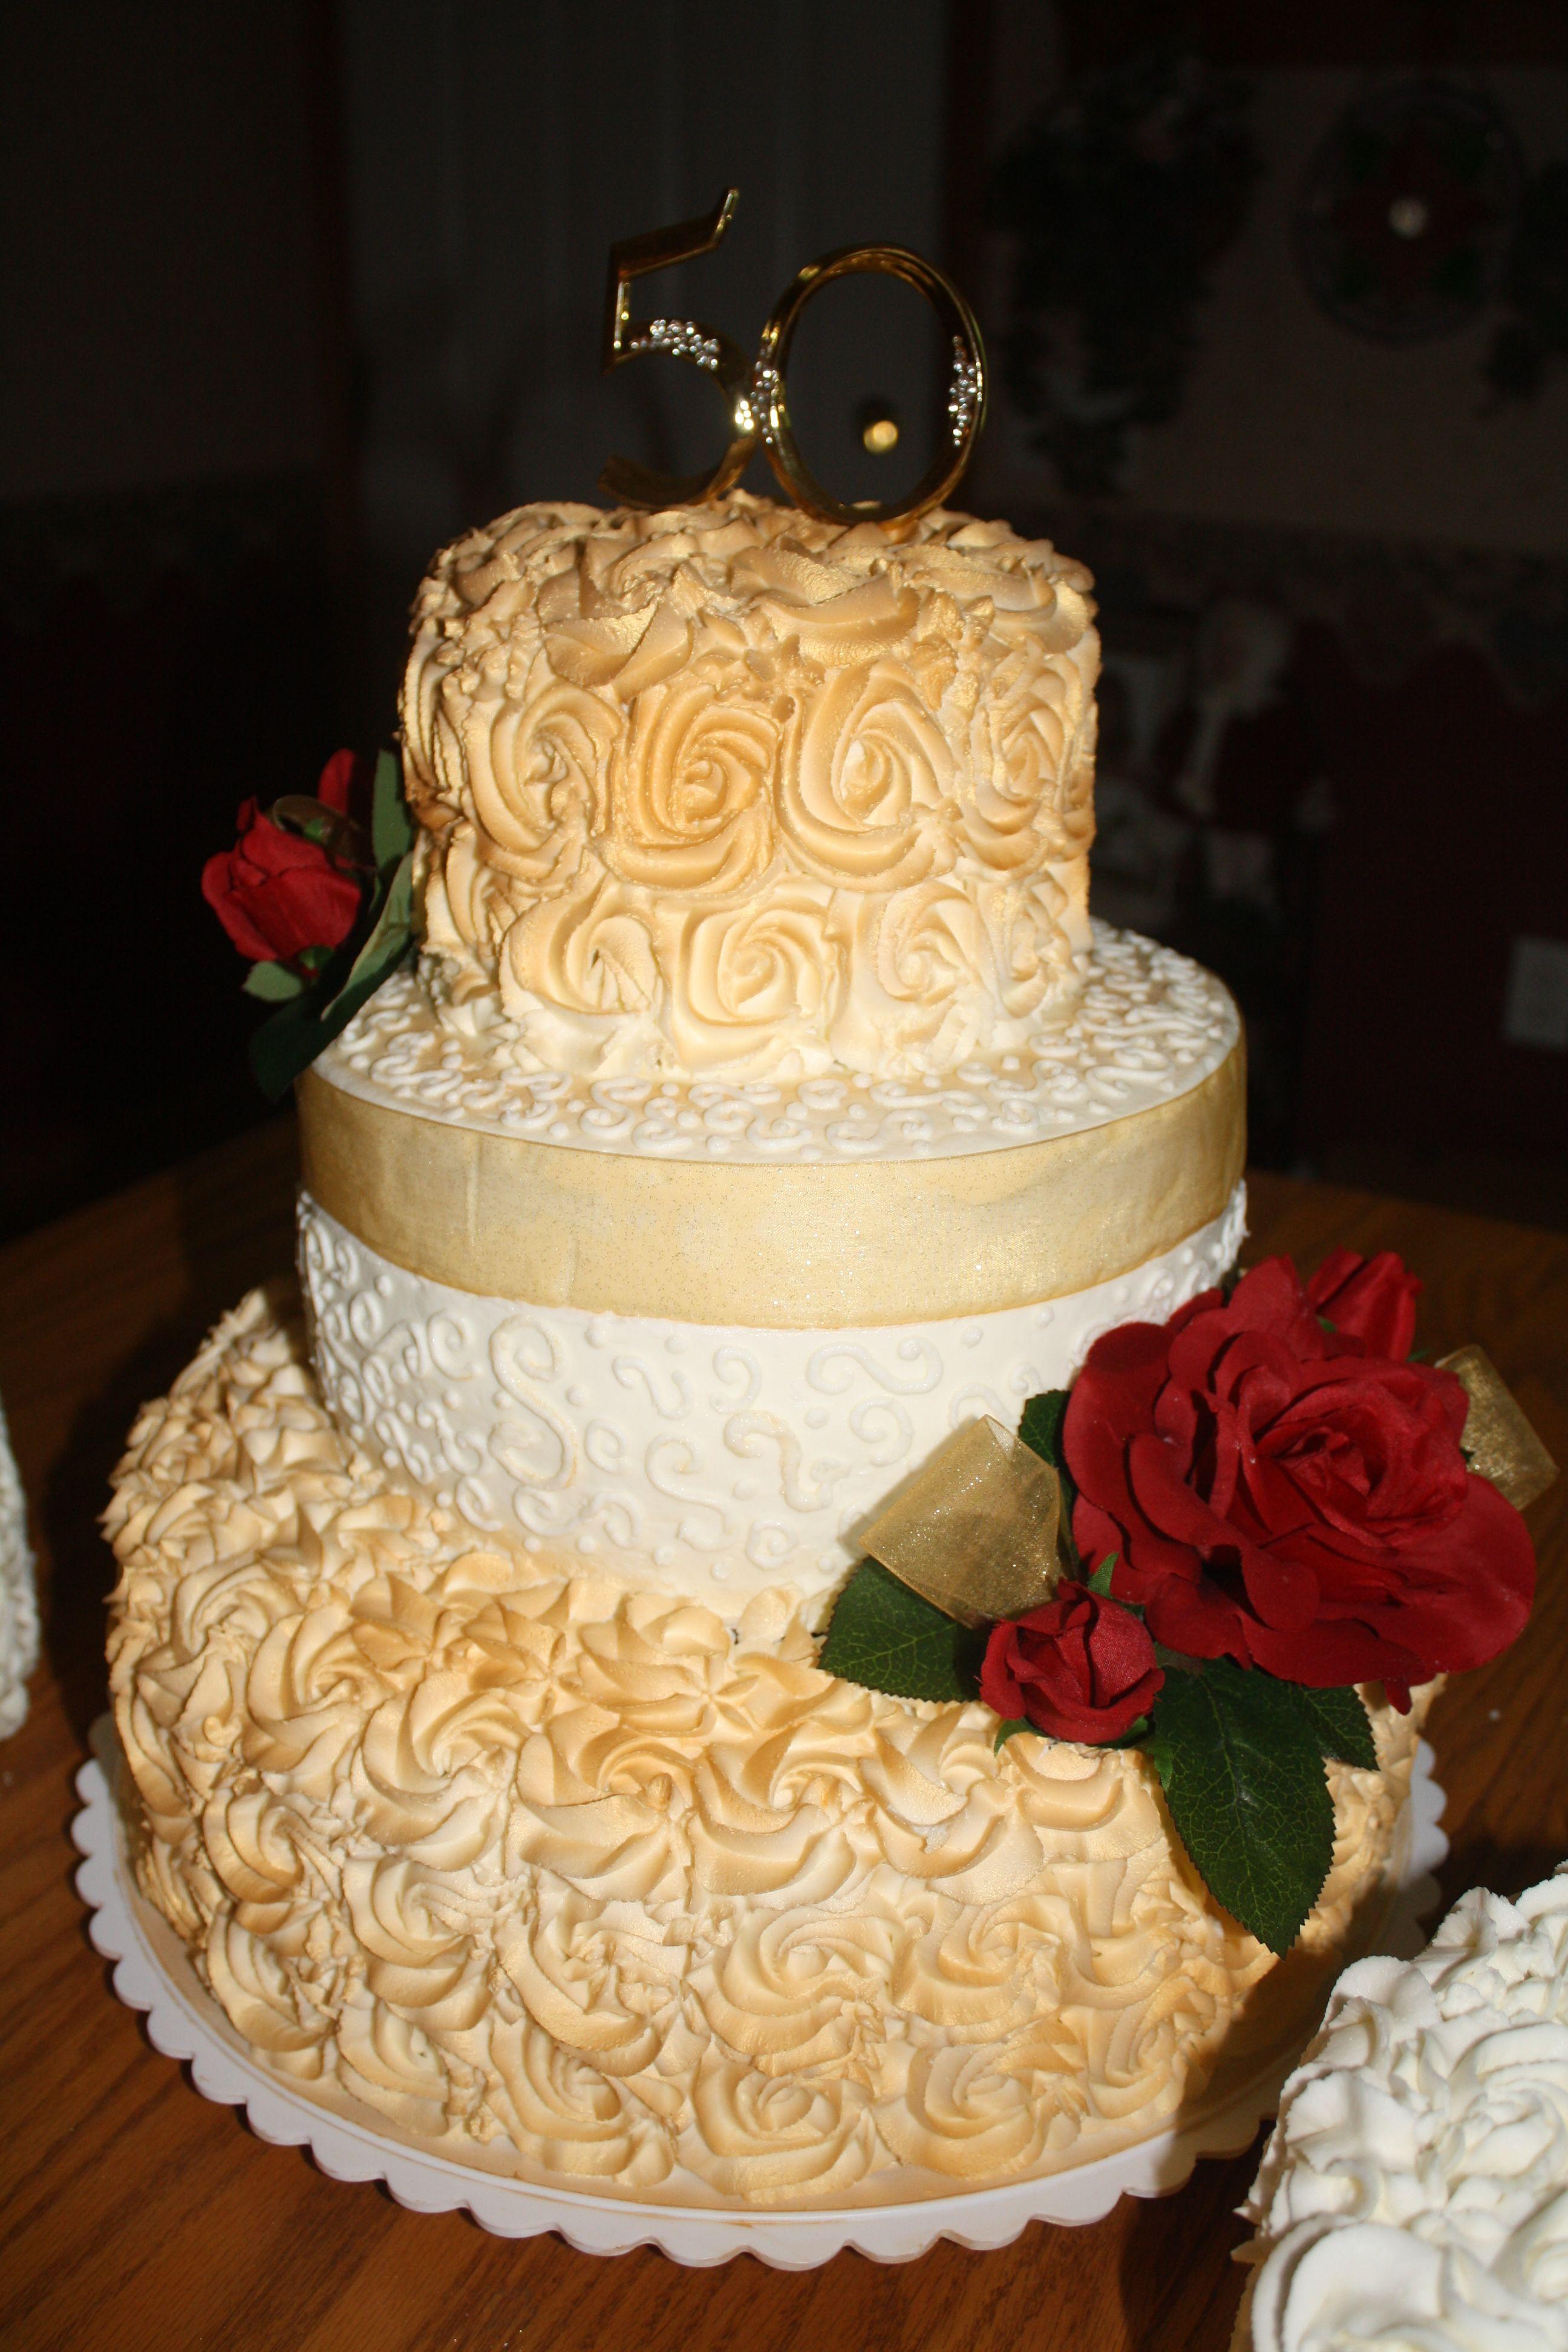 50th Wedding Anniversary cake. 50th anniversary cakes